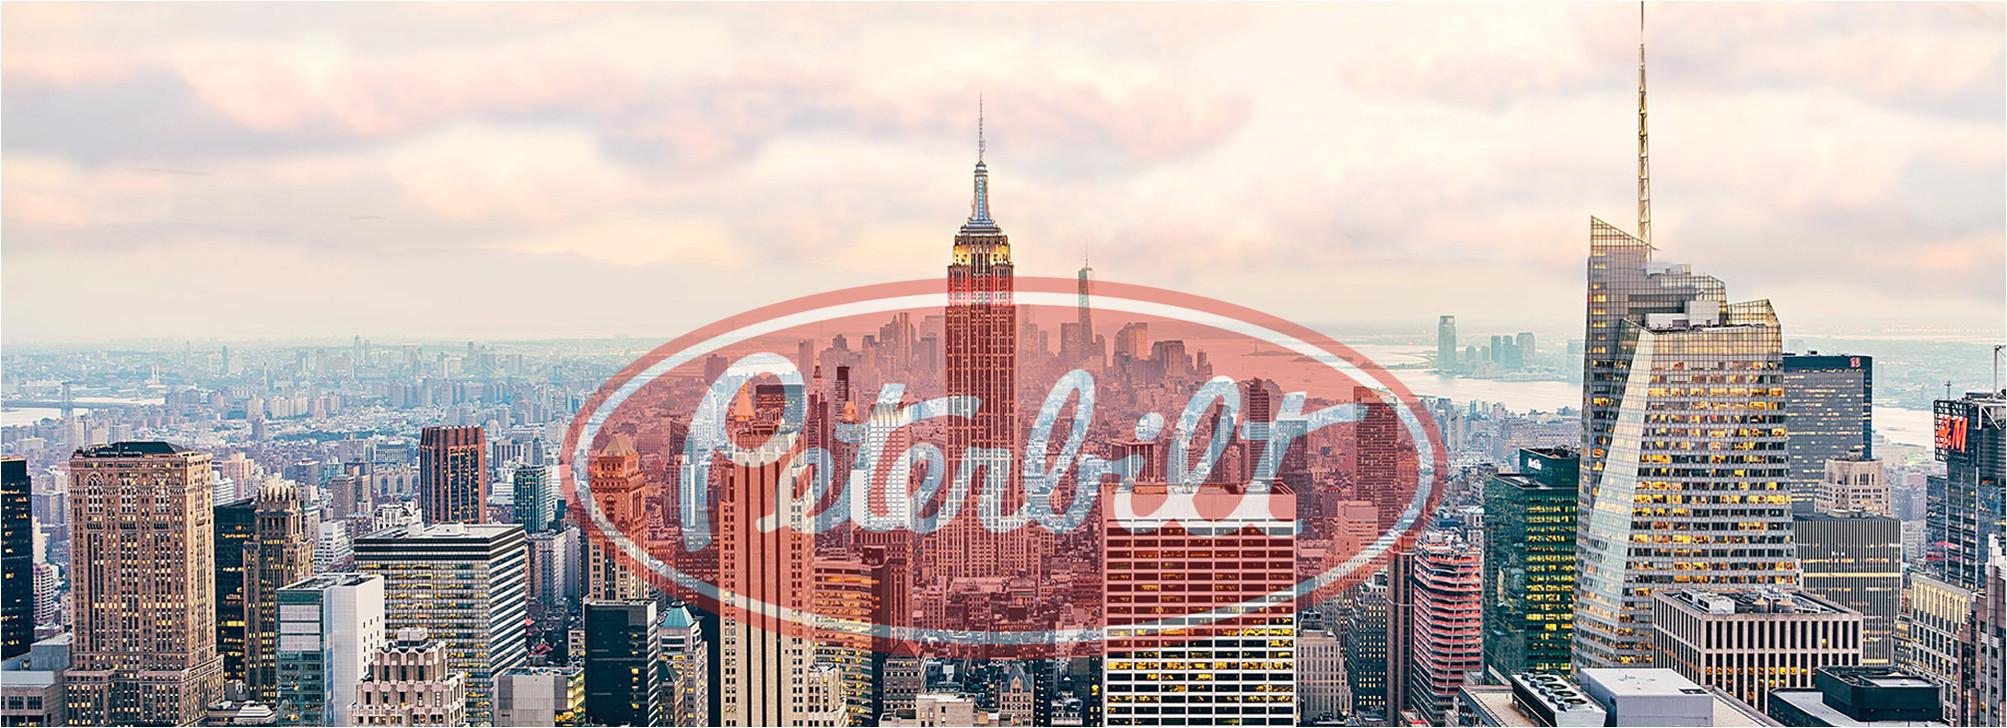 contact us peterbilt new york city